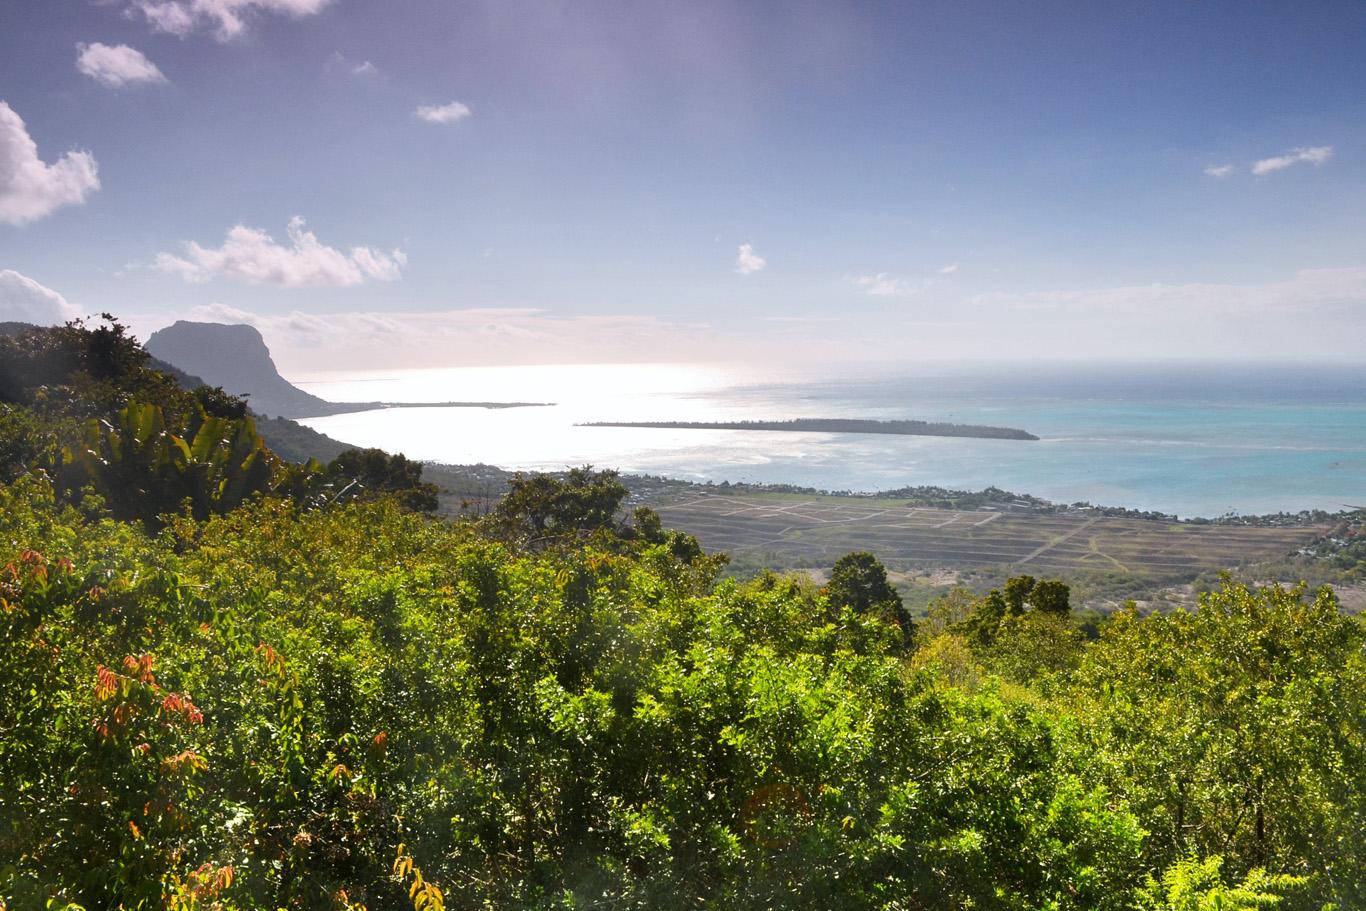 Beautiful coast of Mauritius